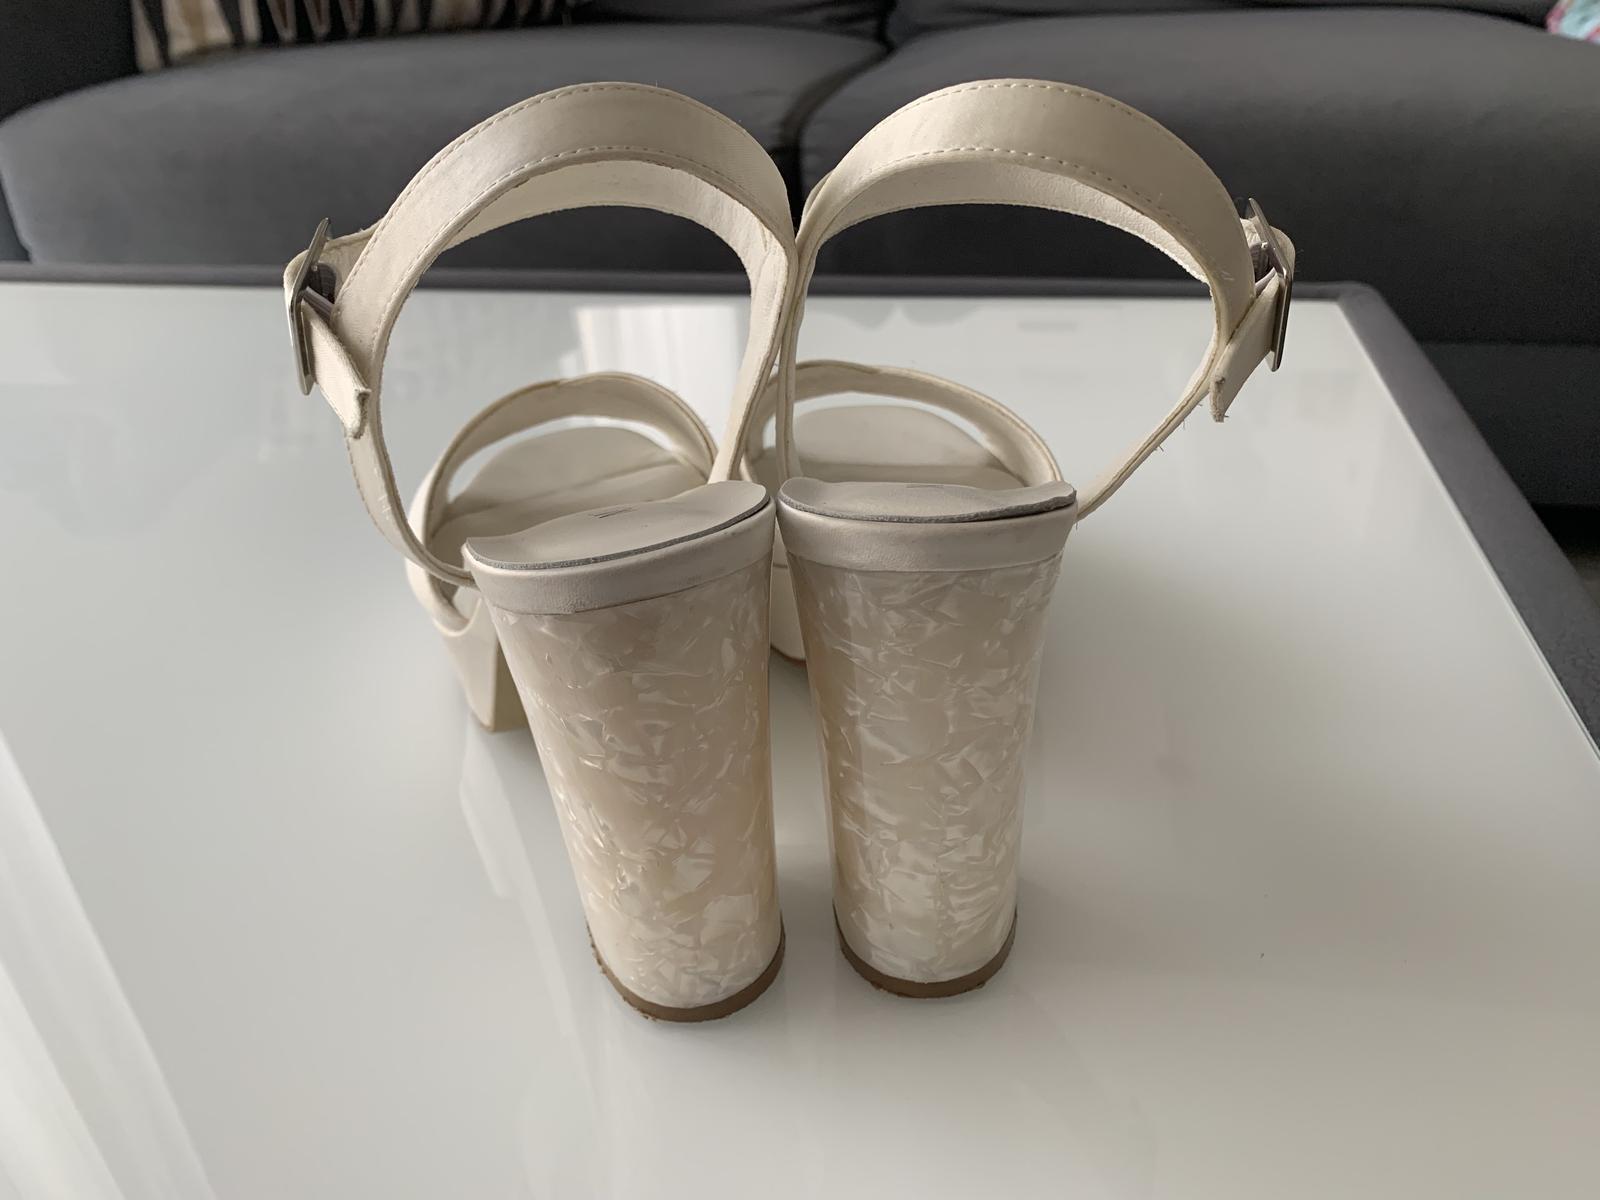 Svatební boty Menbur velikost 38 - Obrázek č. 2